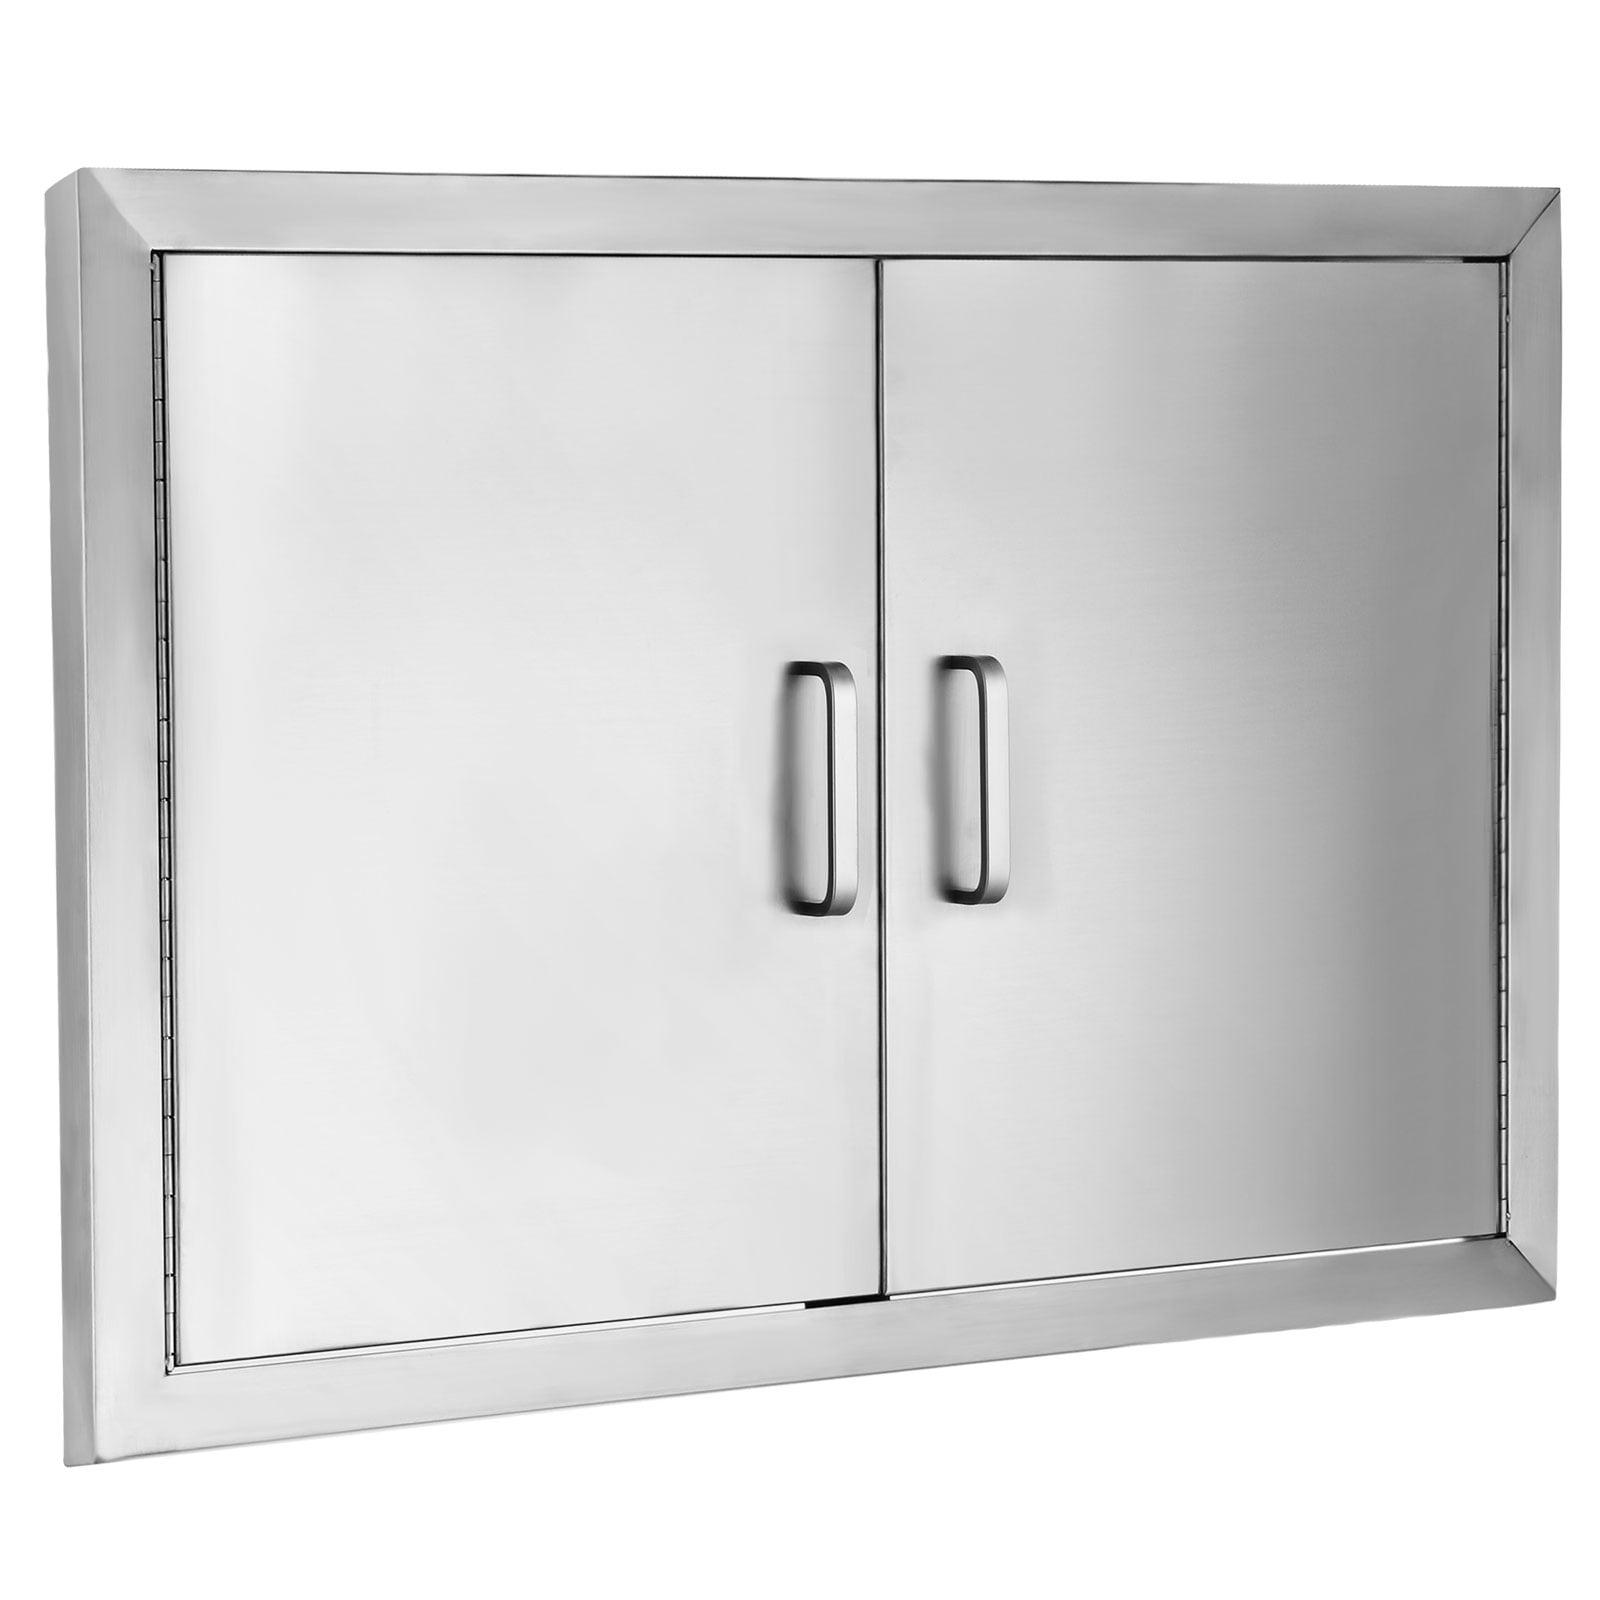 """VEVOR BBQ Door 304 Commercial Grade Stainless Steel Doors 31""""x24"""" Double Access Door Vertical Rust Resistant Stainless Doors Outdoor Kitchen Durable with Handle"""